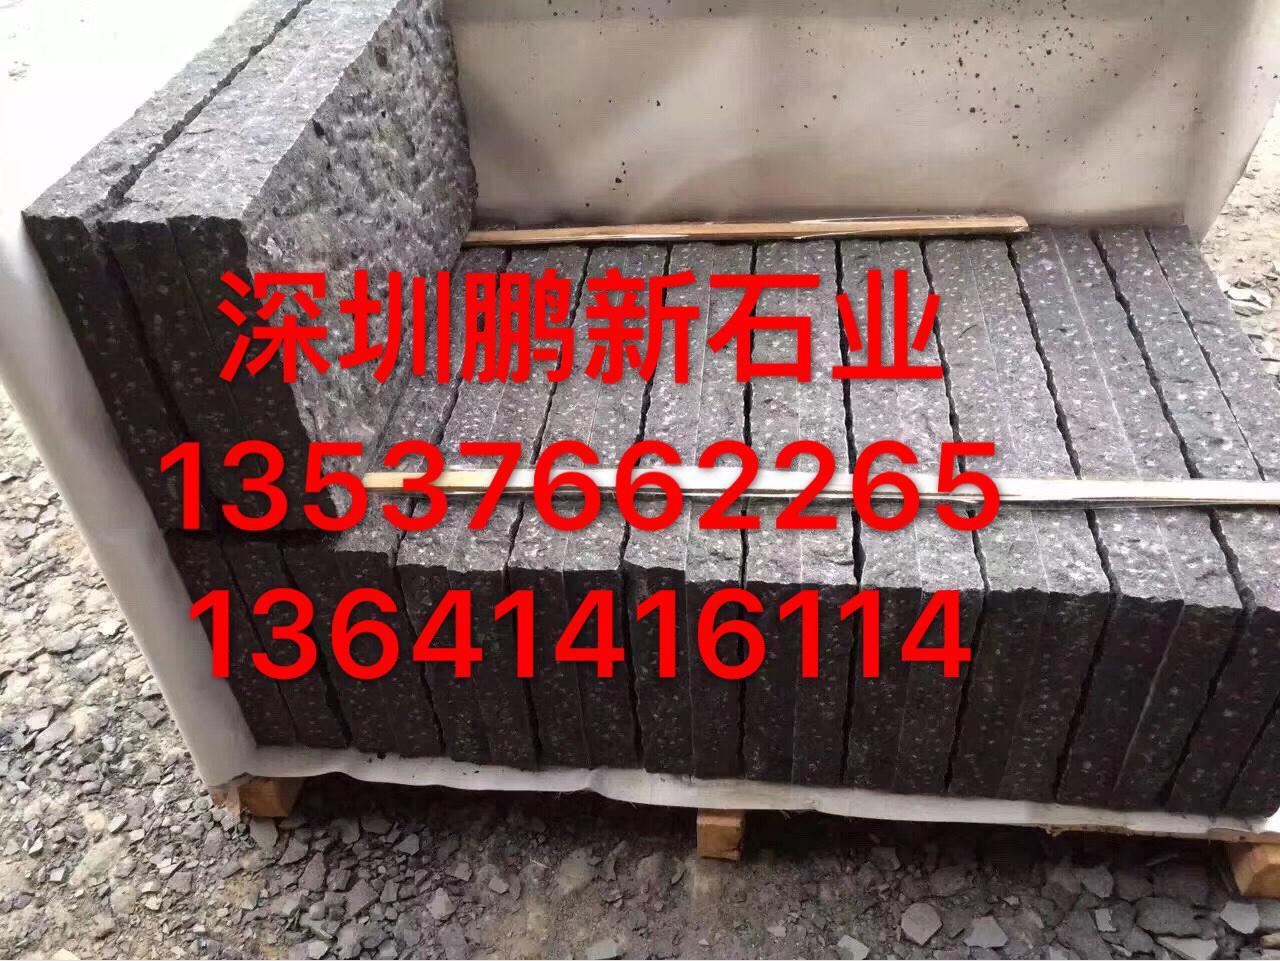 深圳地面铺贴石材-深圳墙面干挂石材-外墙干挂石材-室内装修石材 1